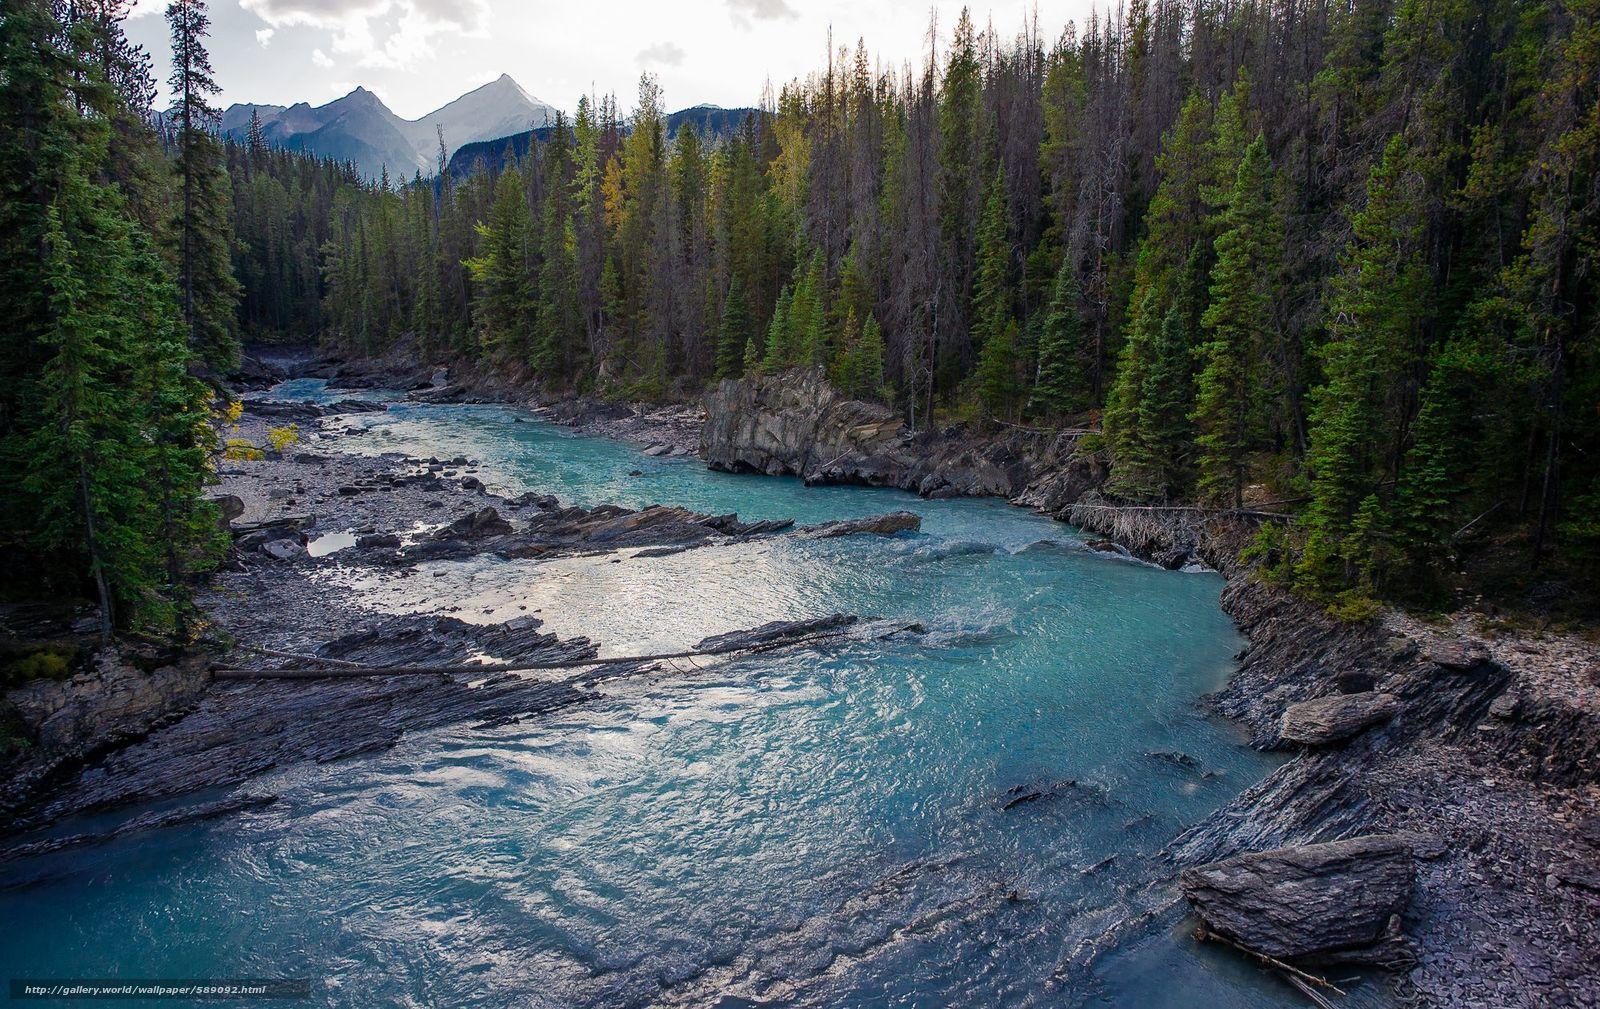 Скачать обои Banff National Forest,  Alberta,  Canada бесплатно для рабочего стола в разрешении 2000x1261 — картинка №589092